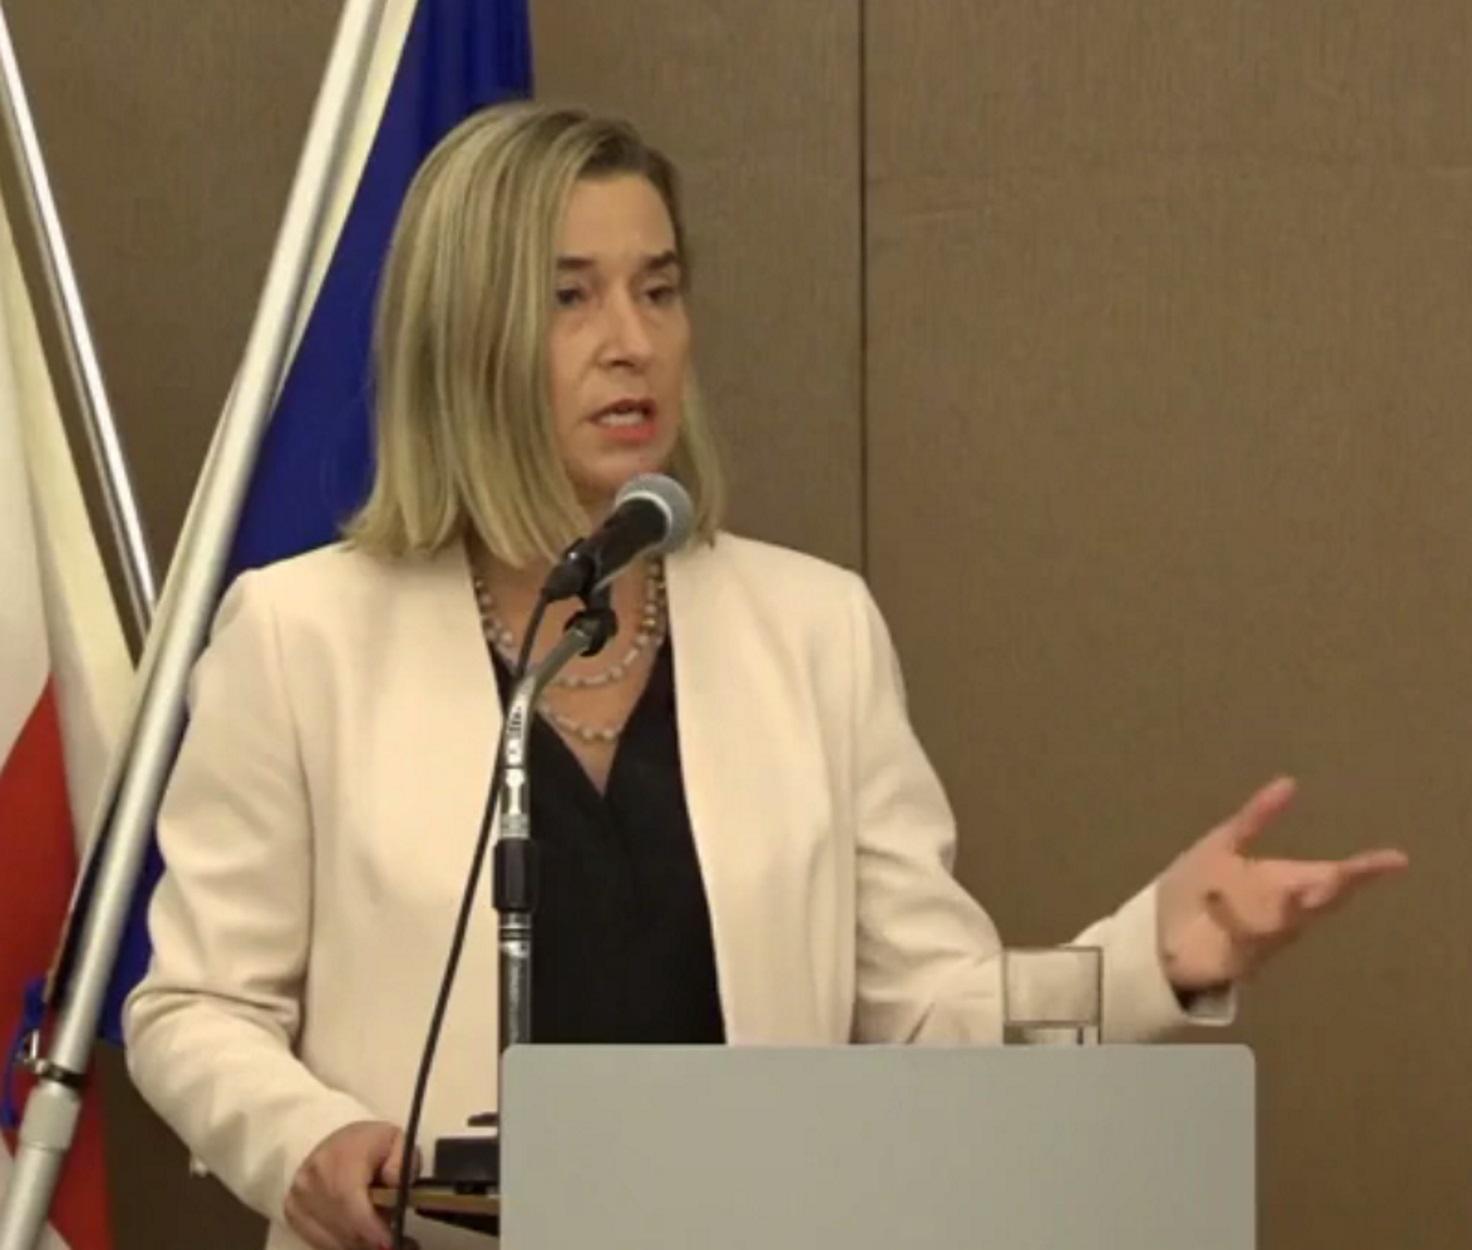 Φεντερίκα Μογκερίνι: Η Ε.Ε. οφείλει να προστατεύσει το έδαφος των κρατών μελών της